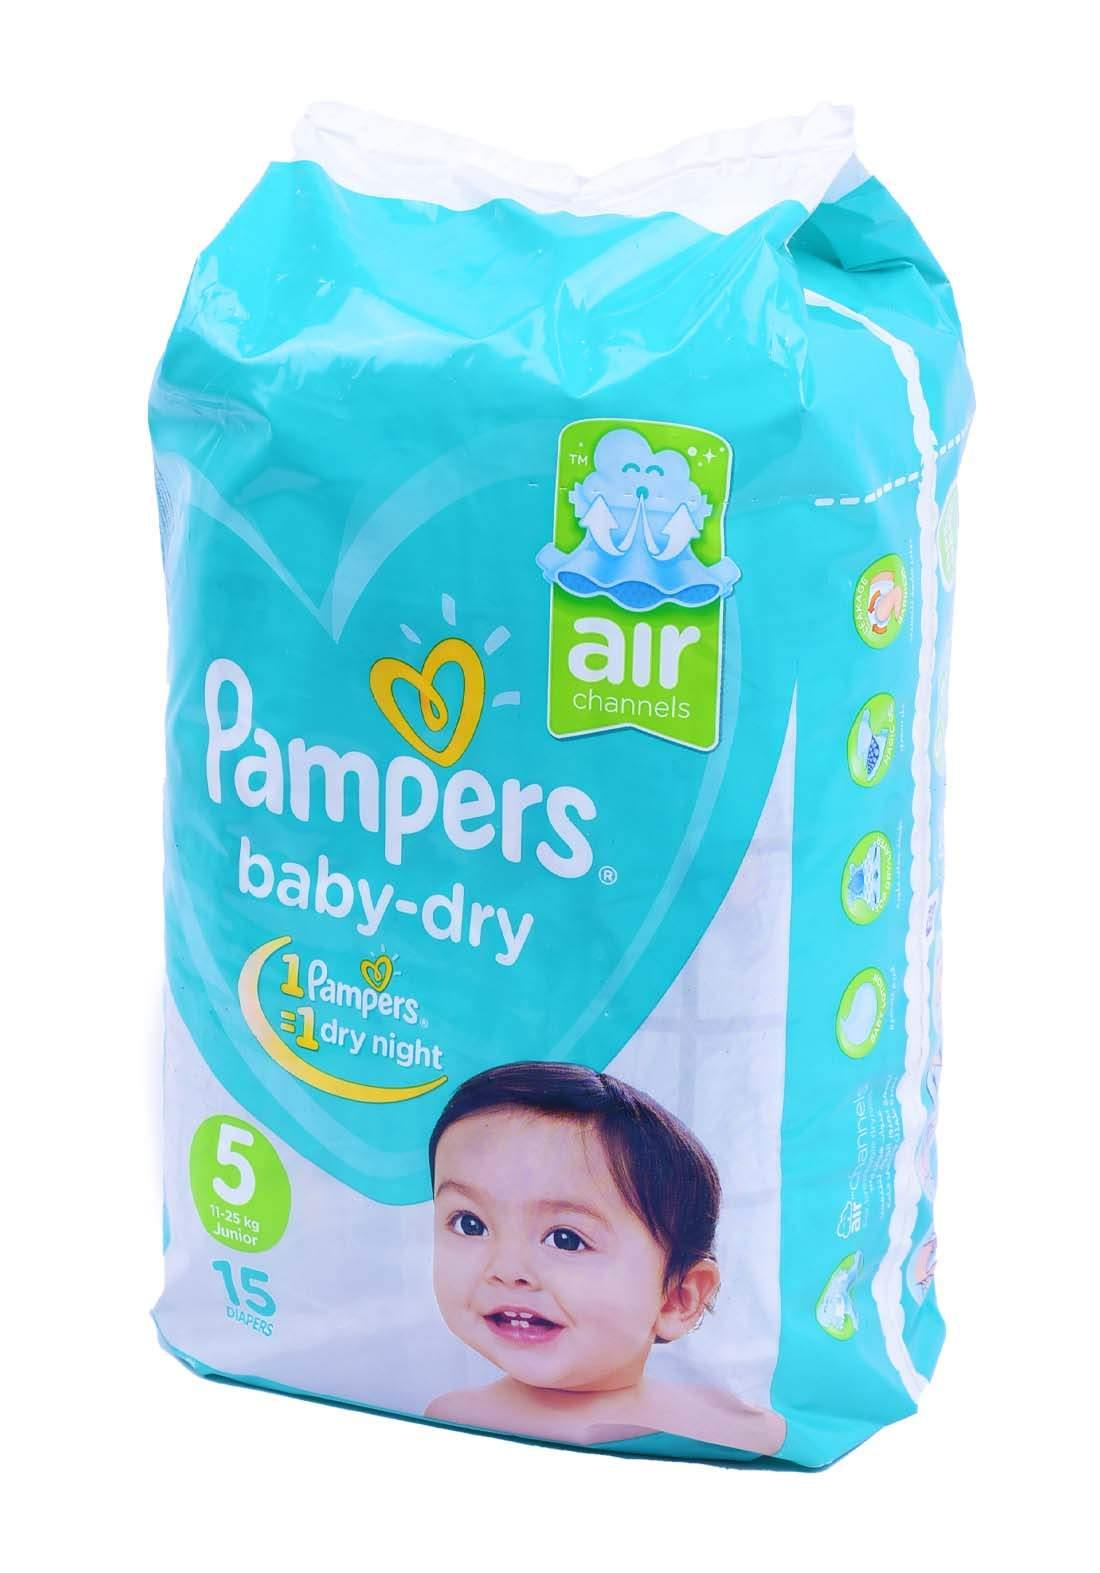 Pampers 11-25 Kg 15 Pcs حفاضات  بامبرز للاطفال عادي رقم 5